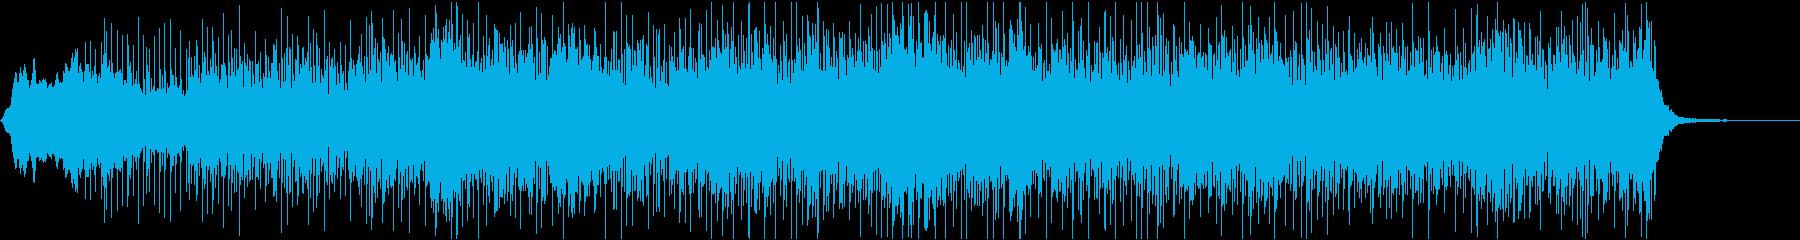 かっこいい・不気味な雰囲気のBGMの再生済みの波形